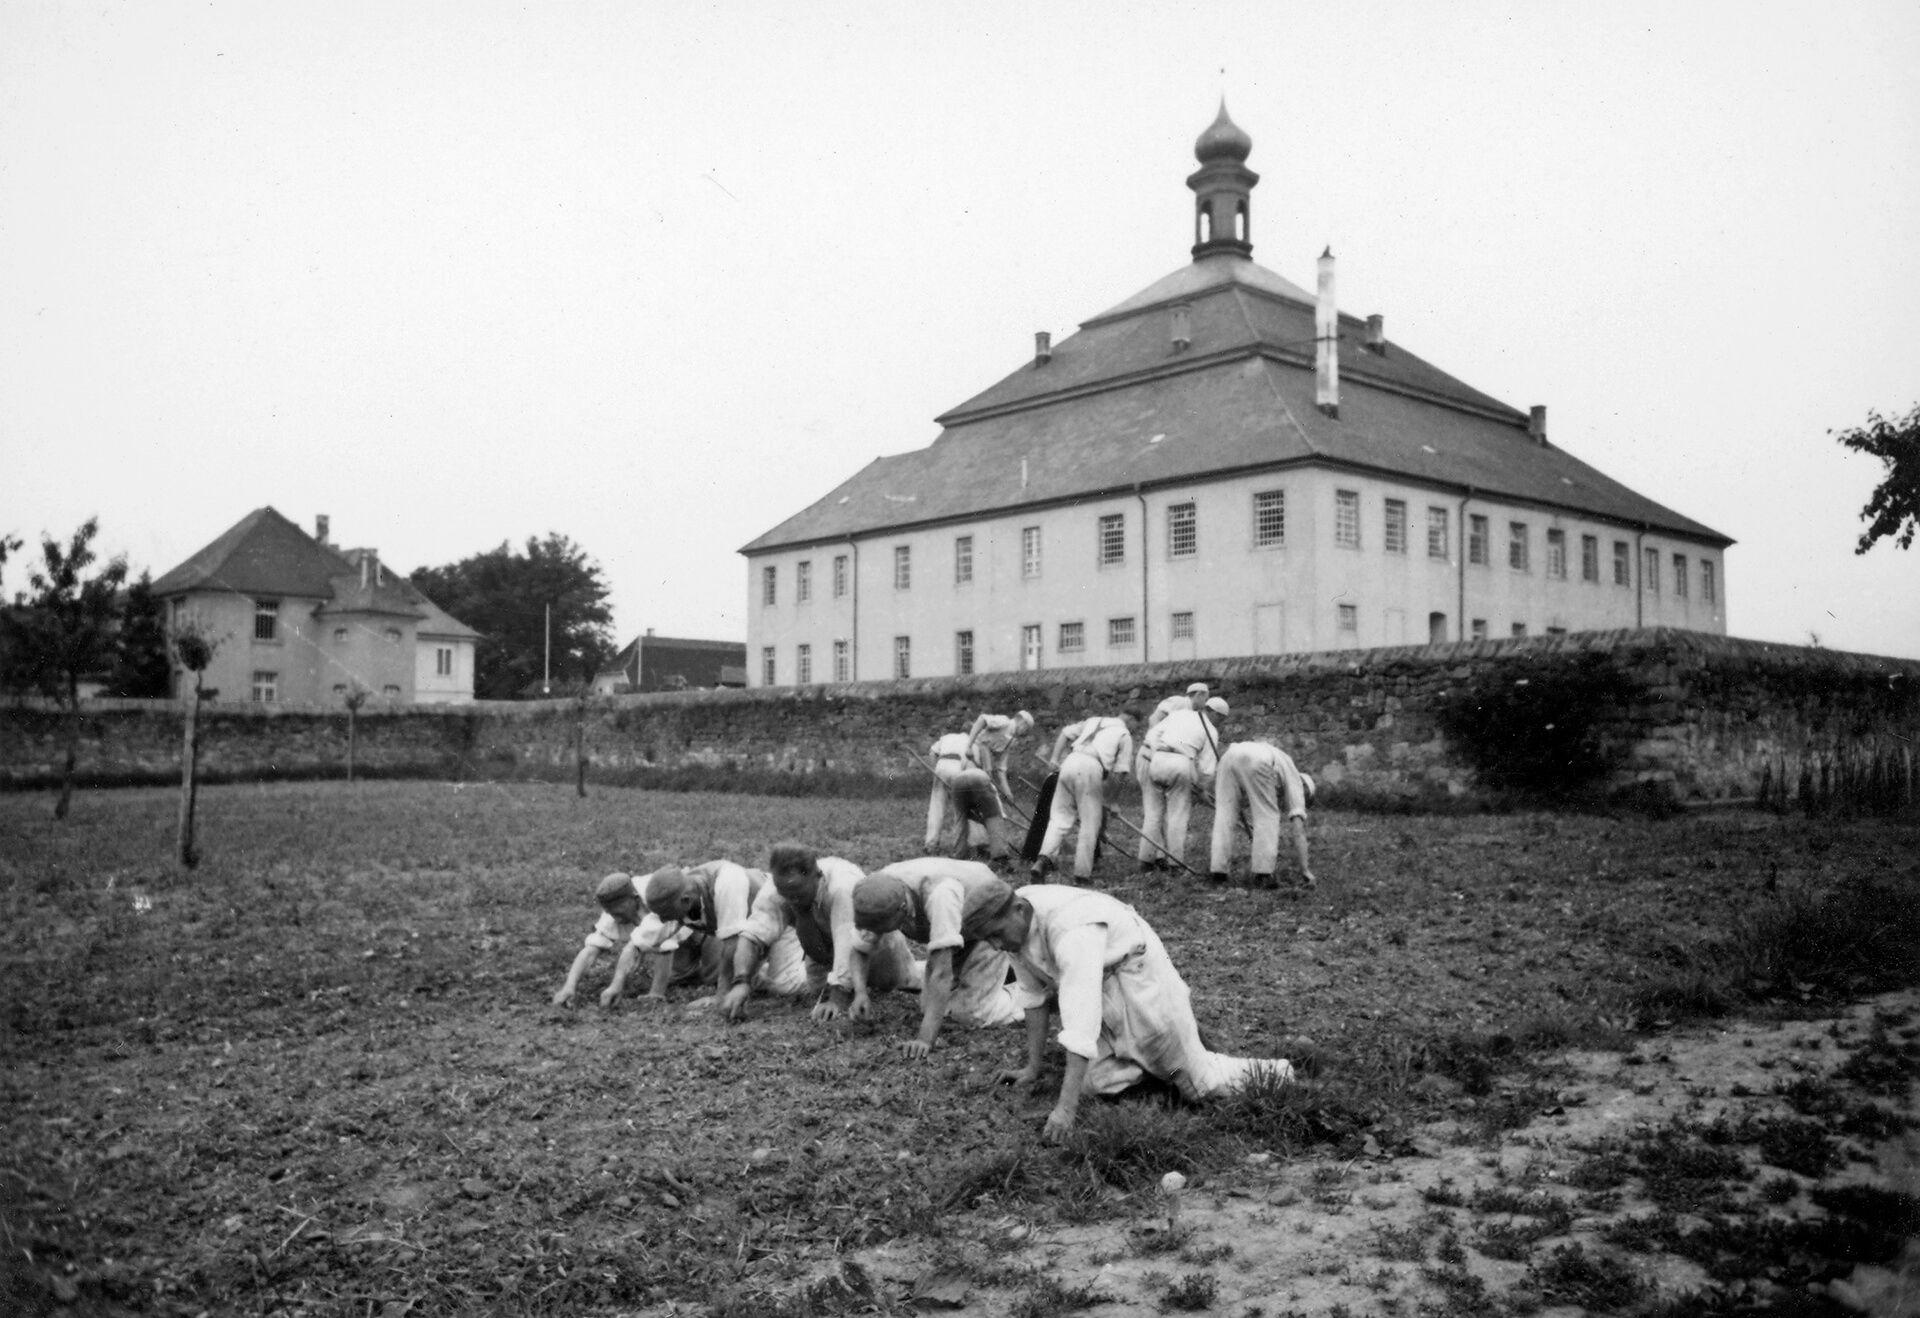 Häftlinge jäten Unkraut im Garten vom Schloss Kislau im Jahr 1944, als dieses als Strafgefängnis genutzt wird